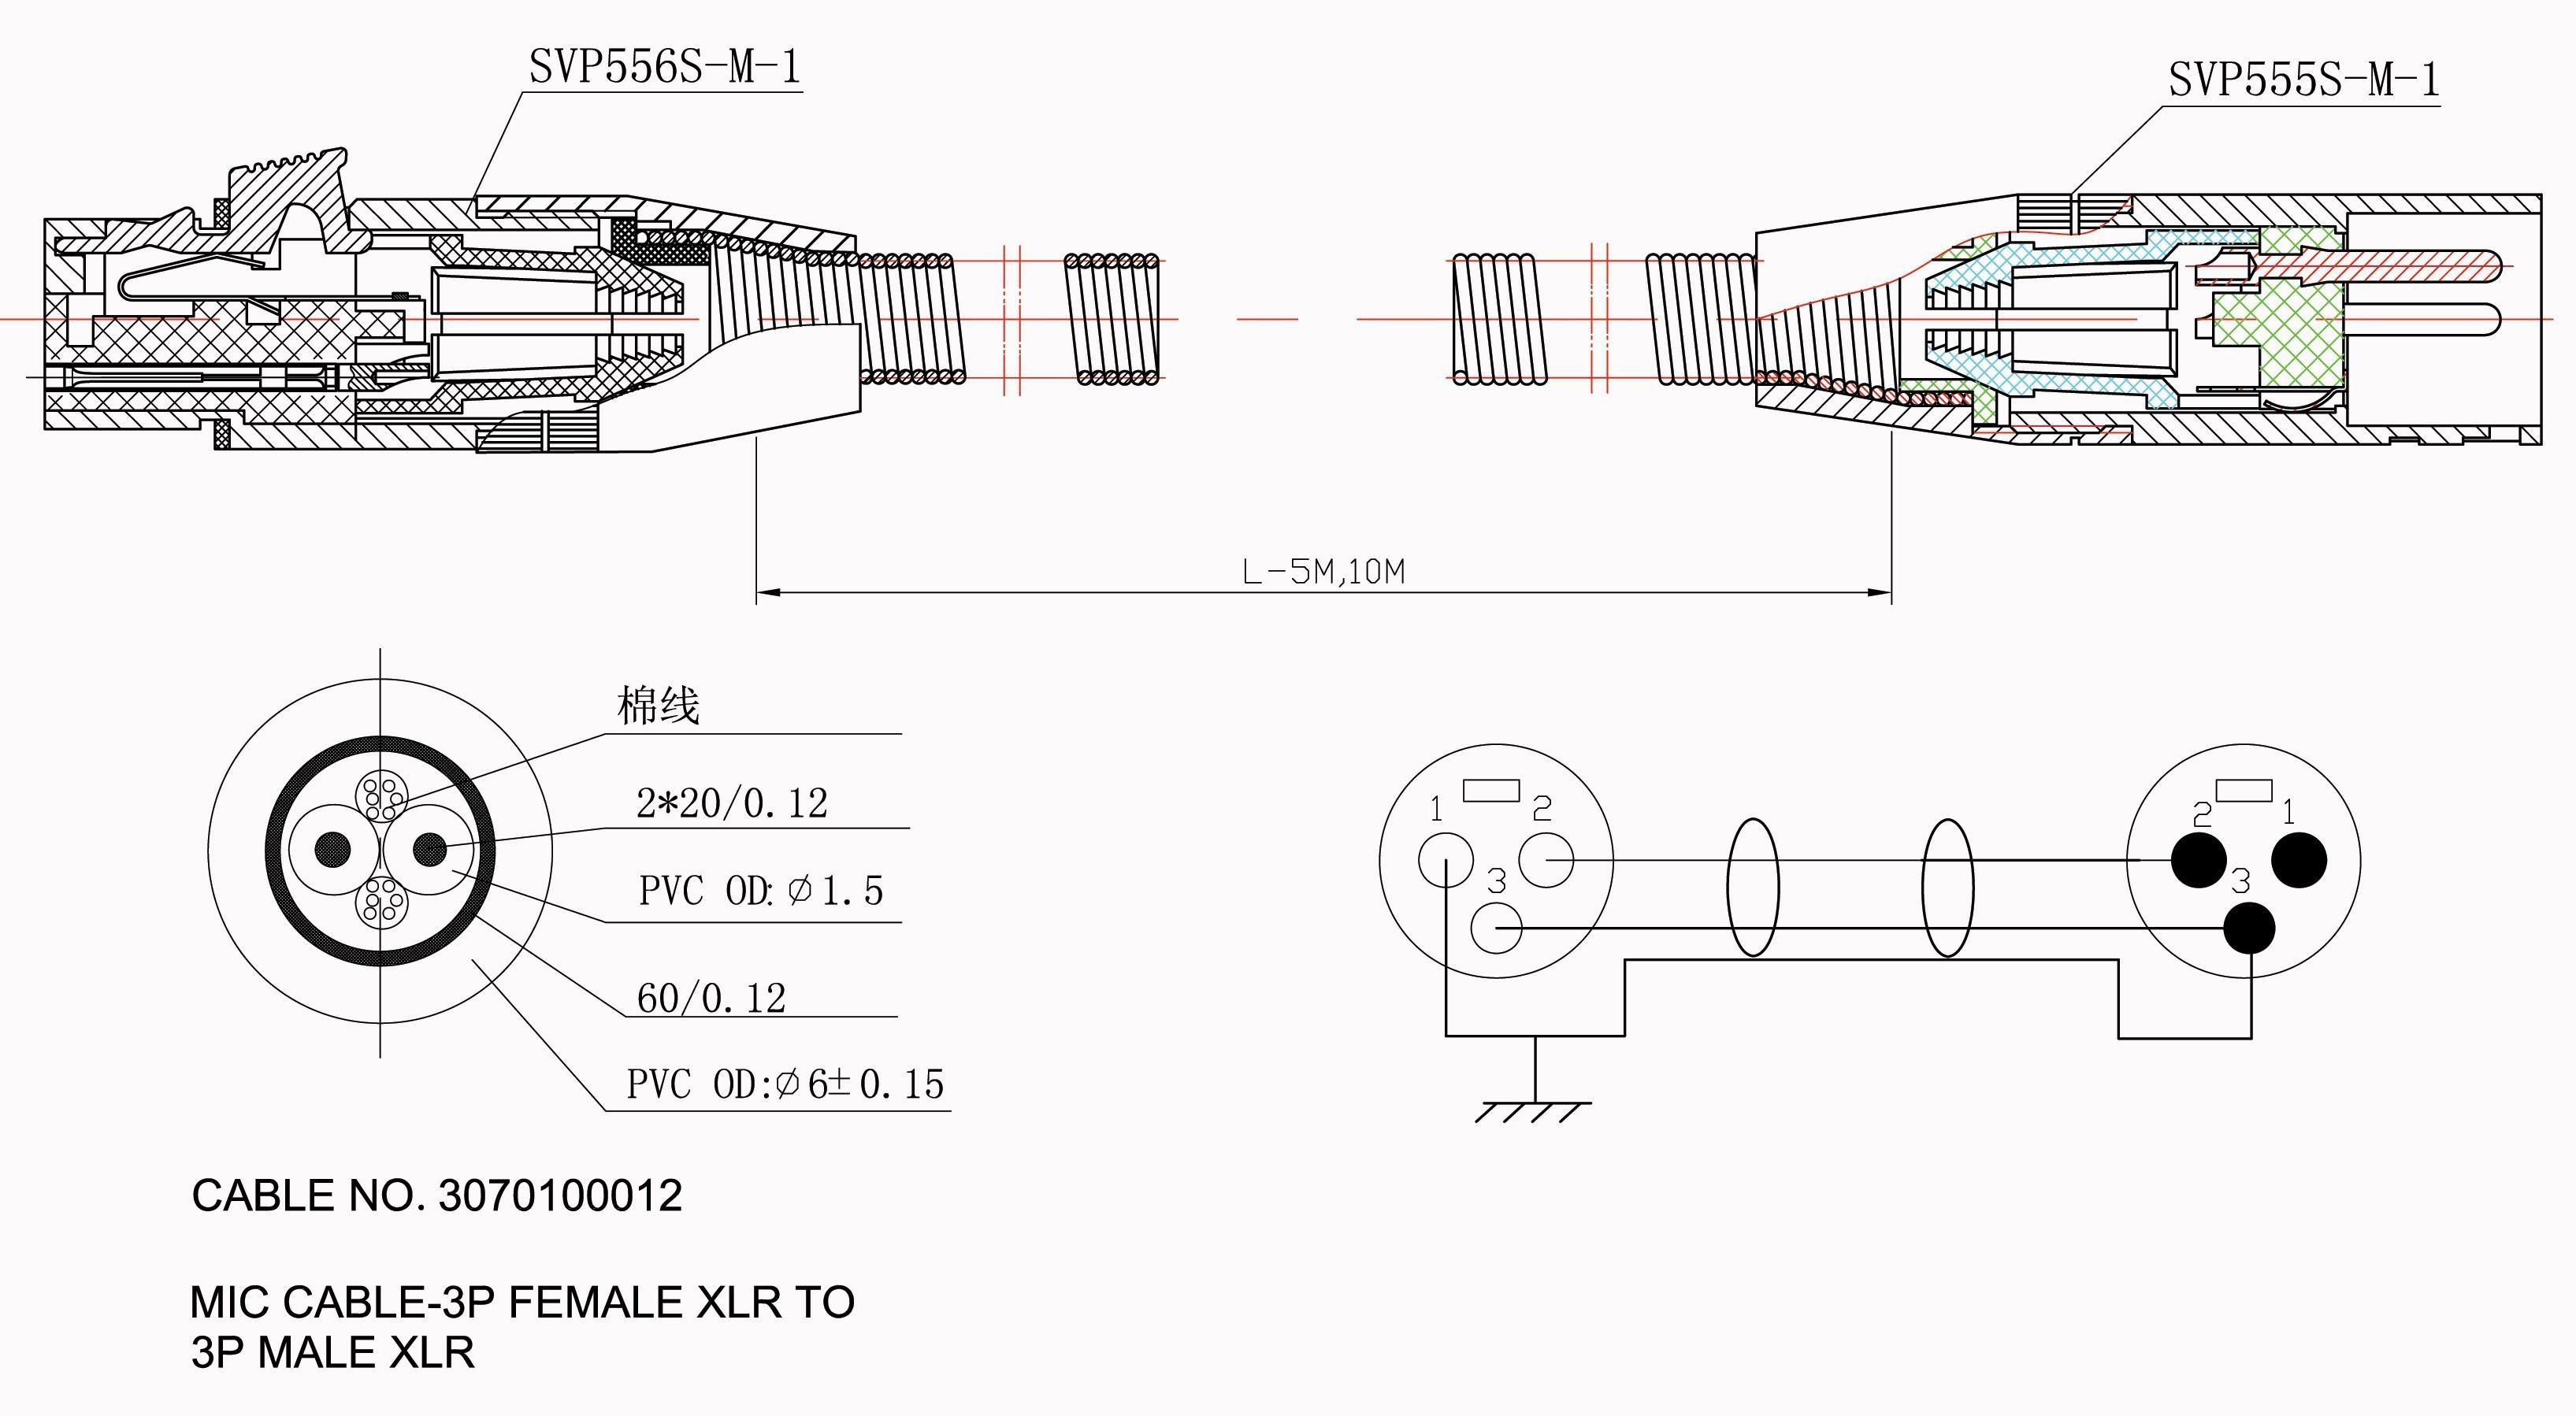 Under Car Diagram Wiring Diagram Car Ac Save tow Vehicle Wiring Diagram Example Of Under Car Diagram